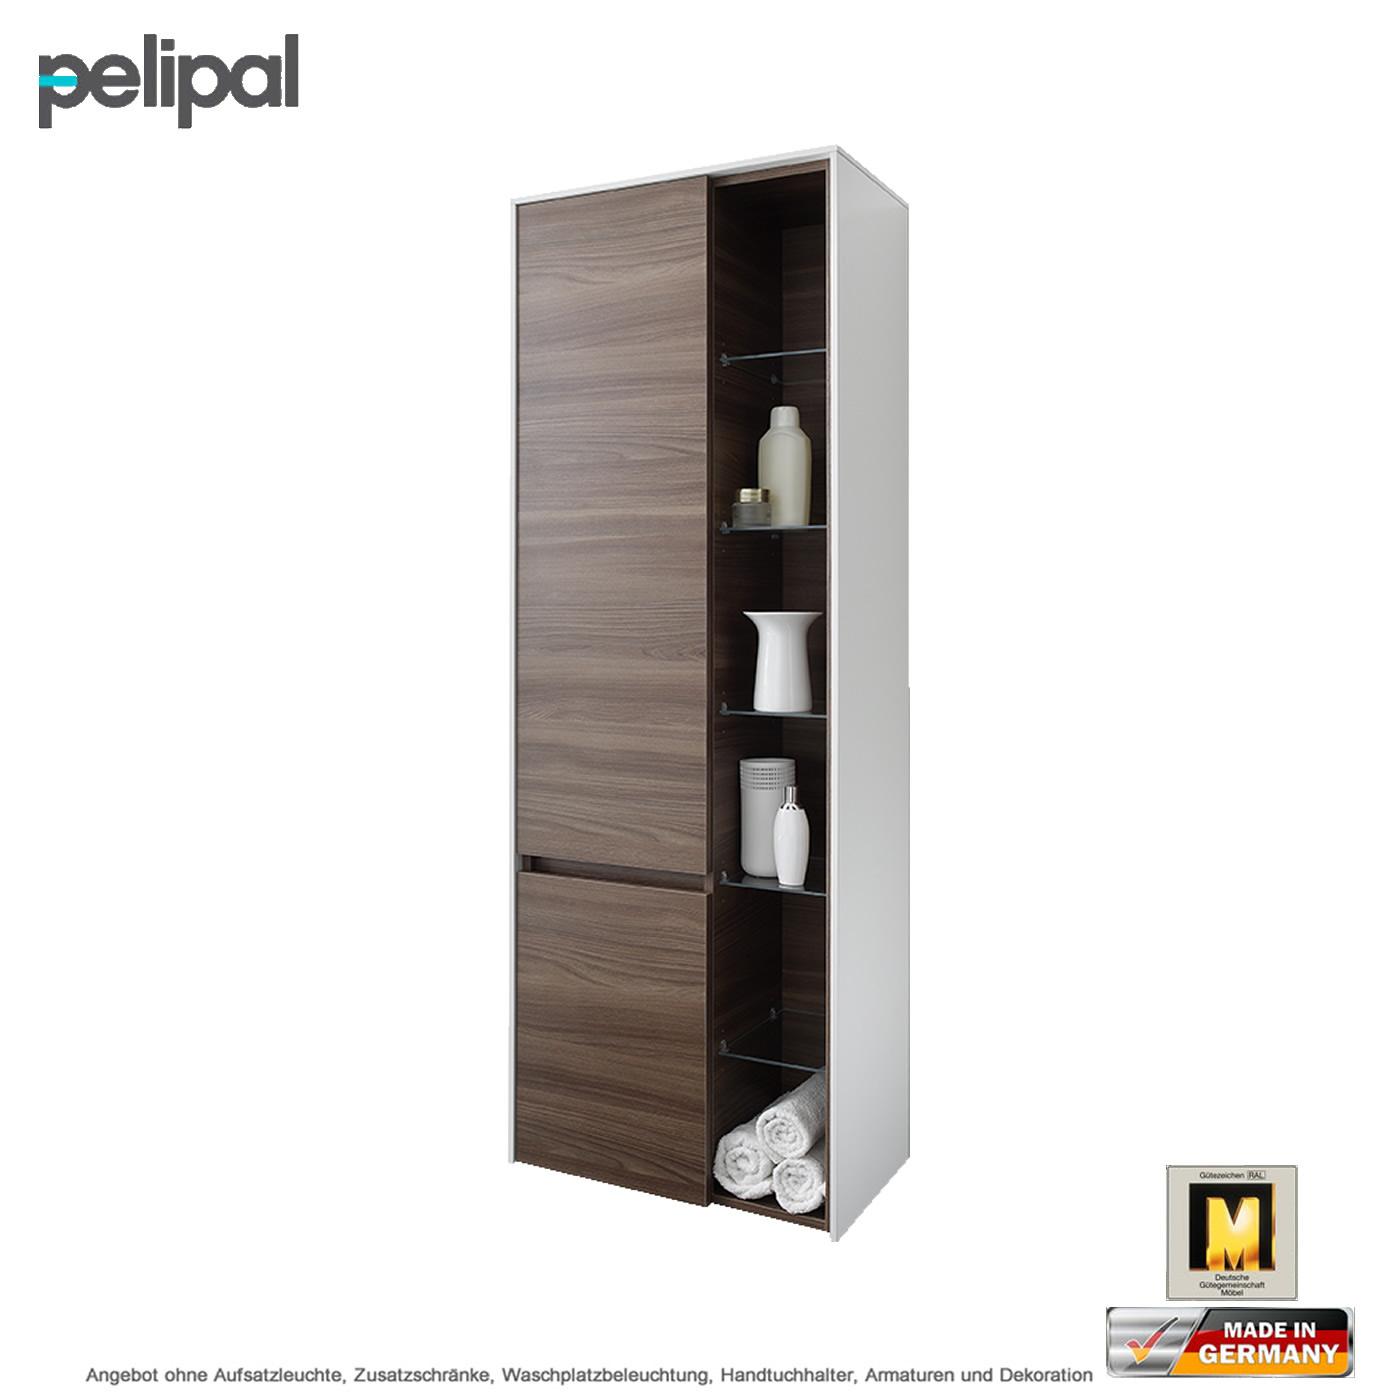 Brilliant Regal Türen Ideen Von Pelipal Solitaire 6010 Hochschrank 169 Cm Mit